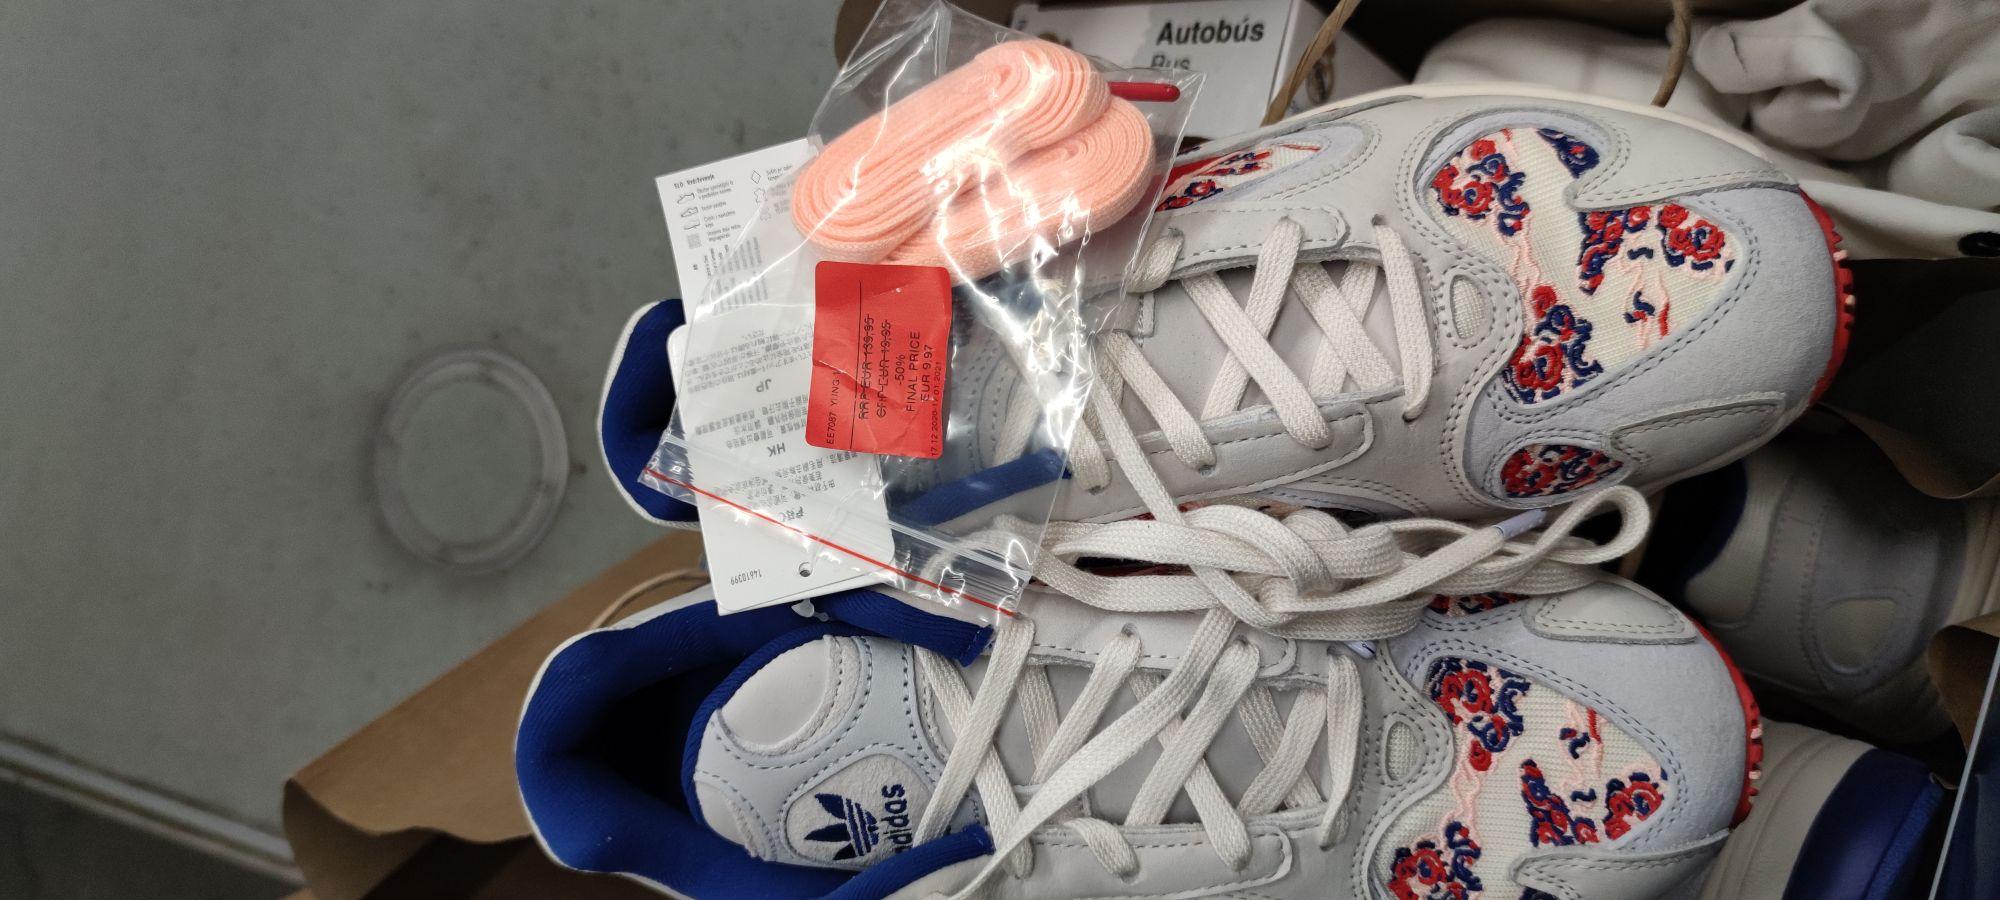 tema Indígena recurso  Zapatilla Adidas Yung-1 outlet Adidas Alcorcón » Chollometro